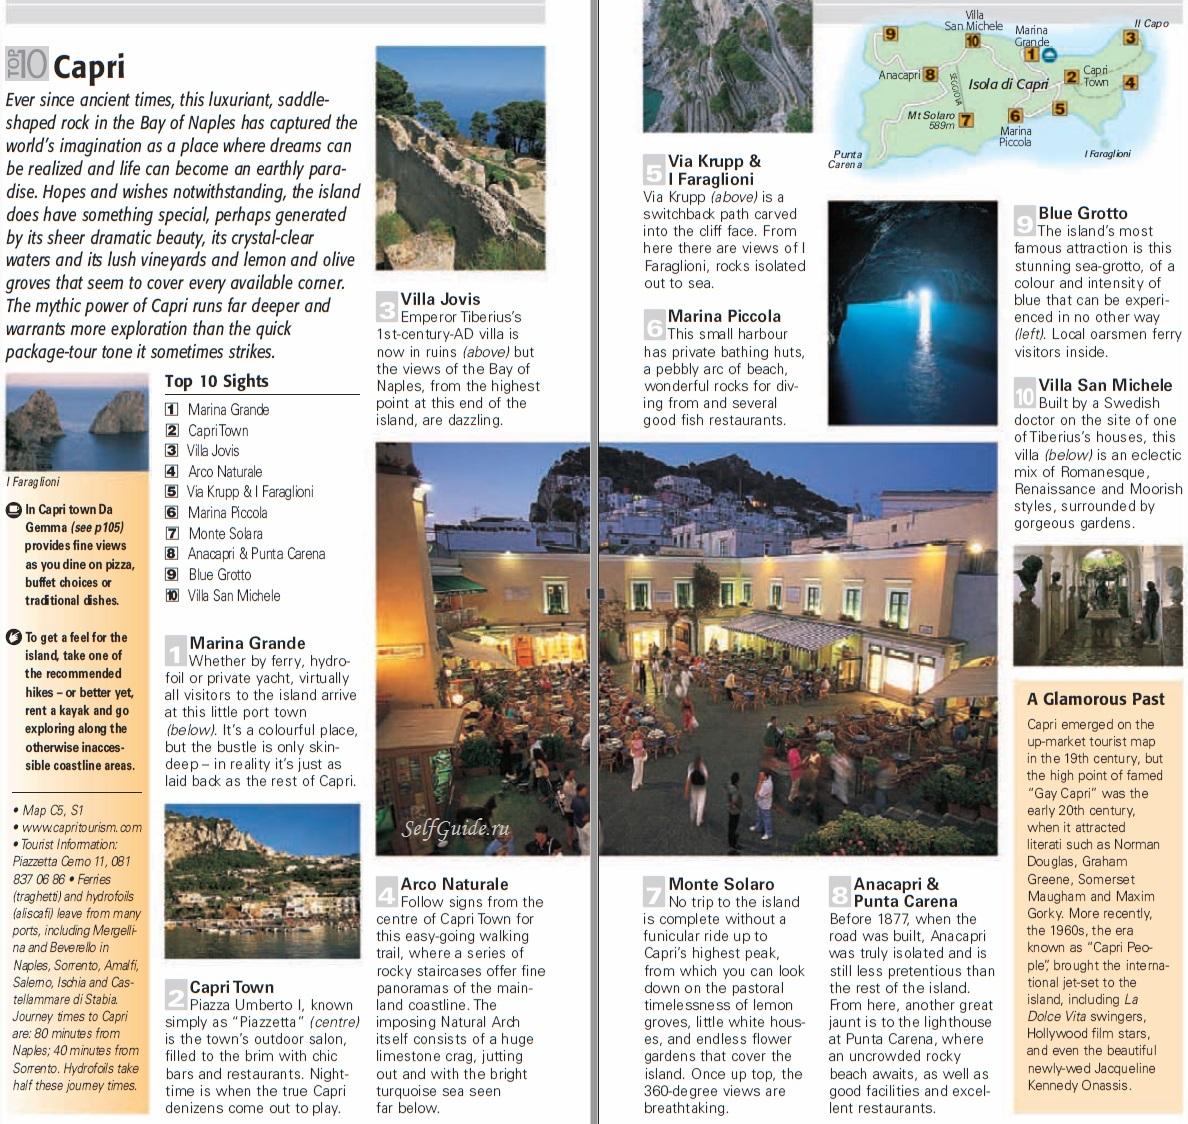 Остров Капри, Италия, Неаполь - достопримечательности, путеводитель по острову Капри